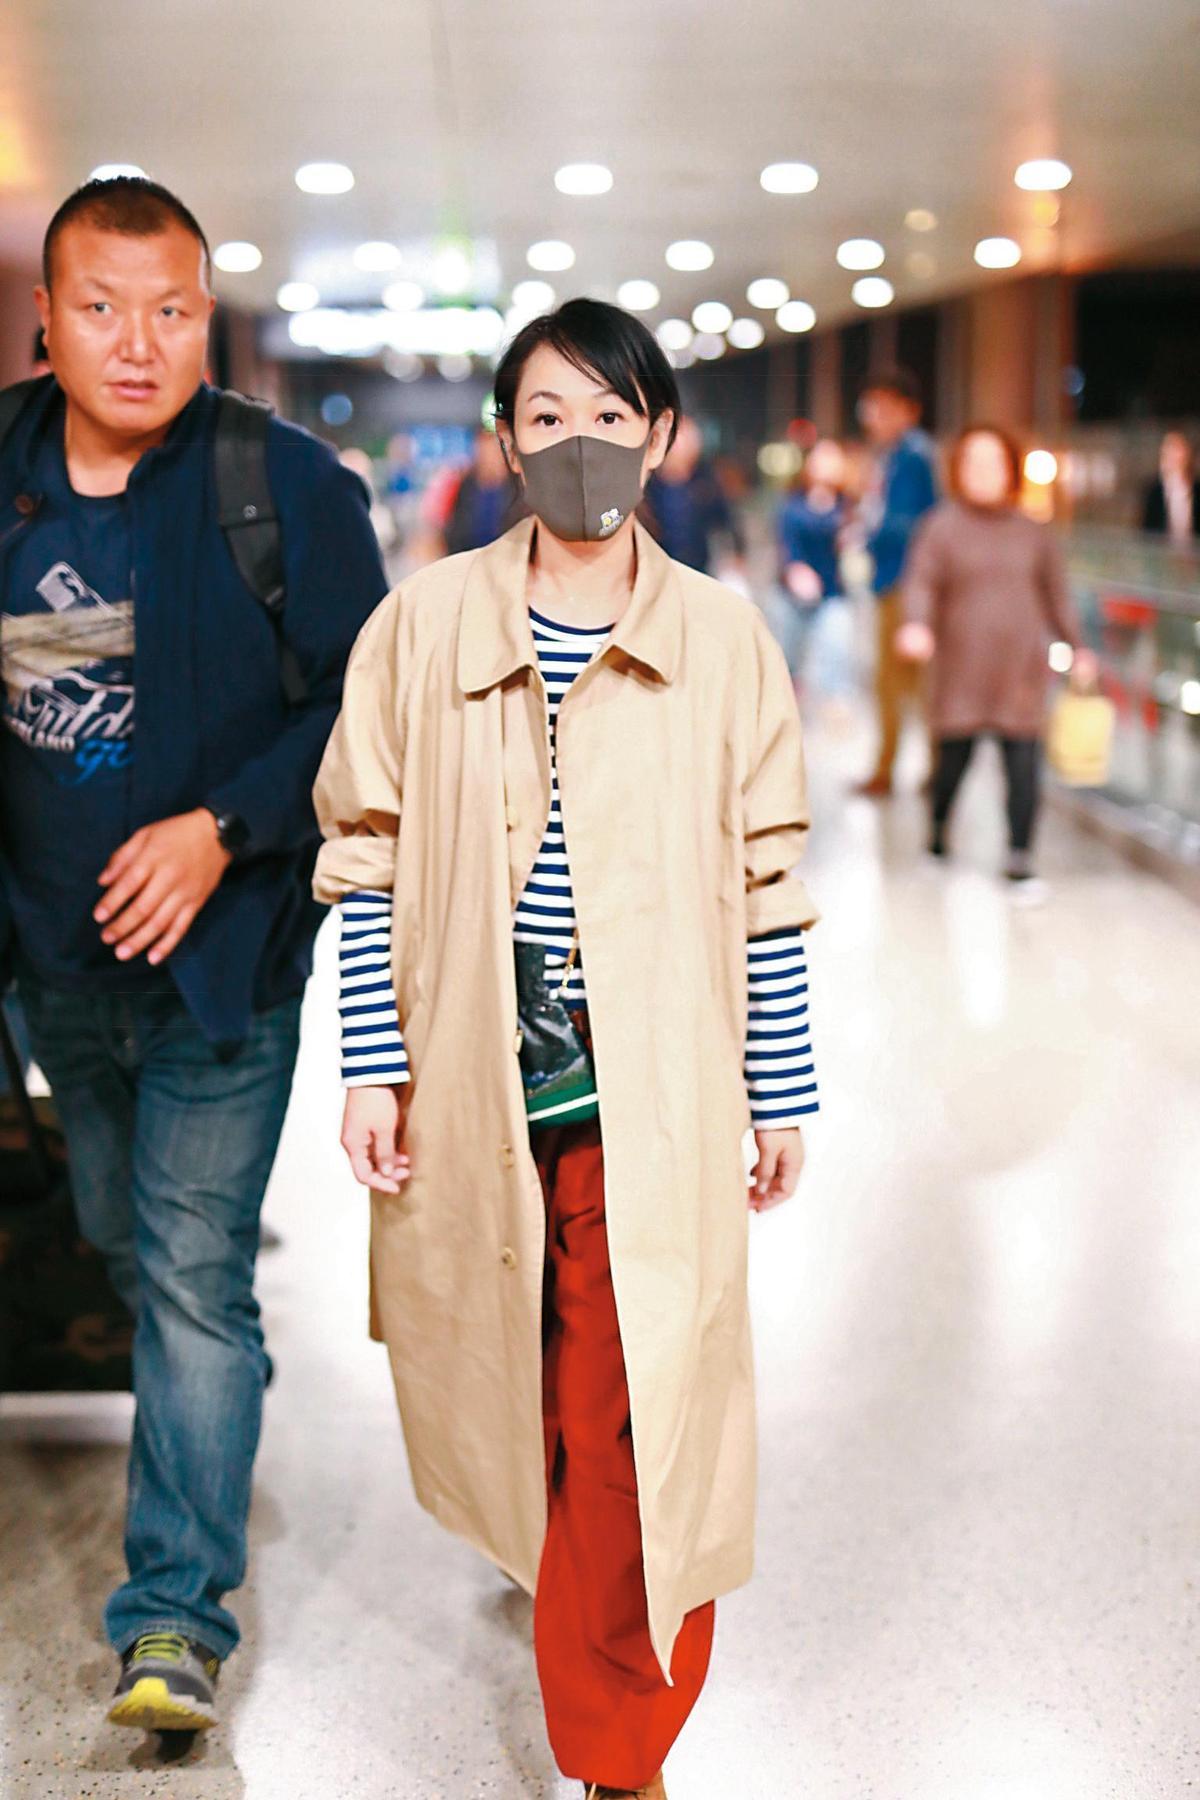 第一次執導演筒的劉若英,行頭充滿文青風,藍白條紋T與駝色風衣、酒紅色闊腿褲,不以時尚為導向的搭配,依然充滿個人風格。(東方IC)